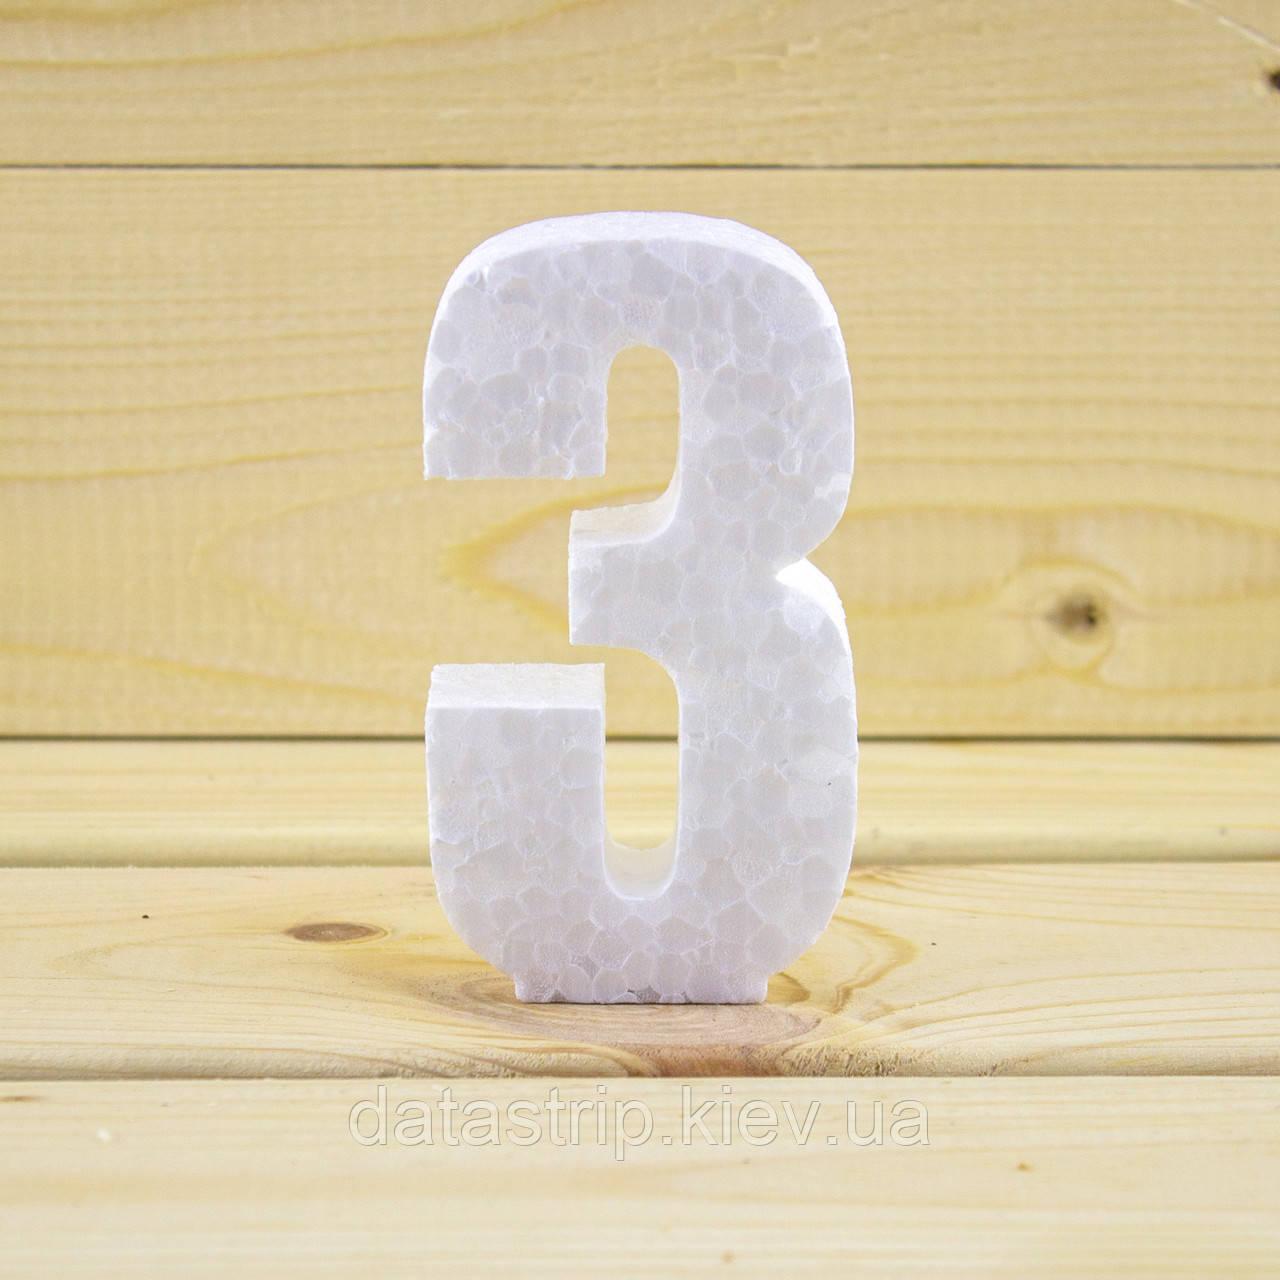 Цифра 3 из пенопласта, толщина 10 см.